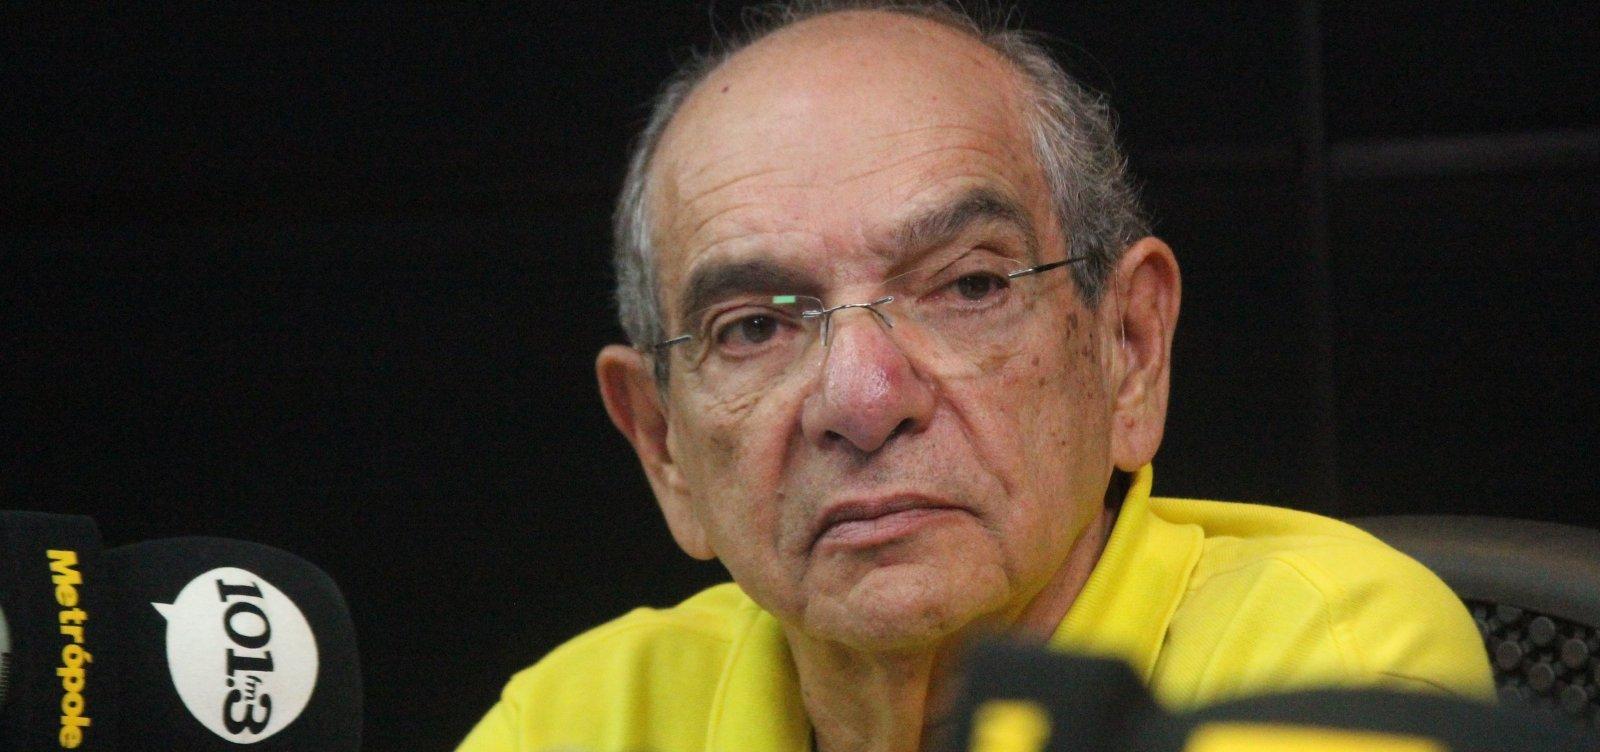 MK se indigna com 'maricas' de Bolsonaro: 'Envergonhado de ser brasileiro'